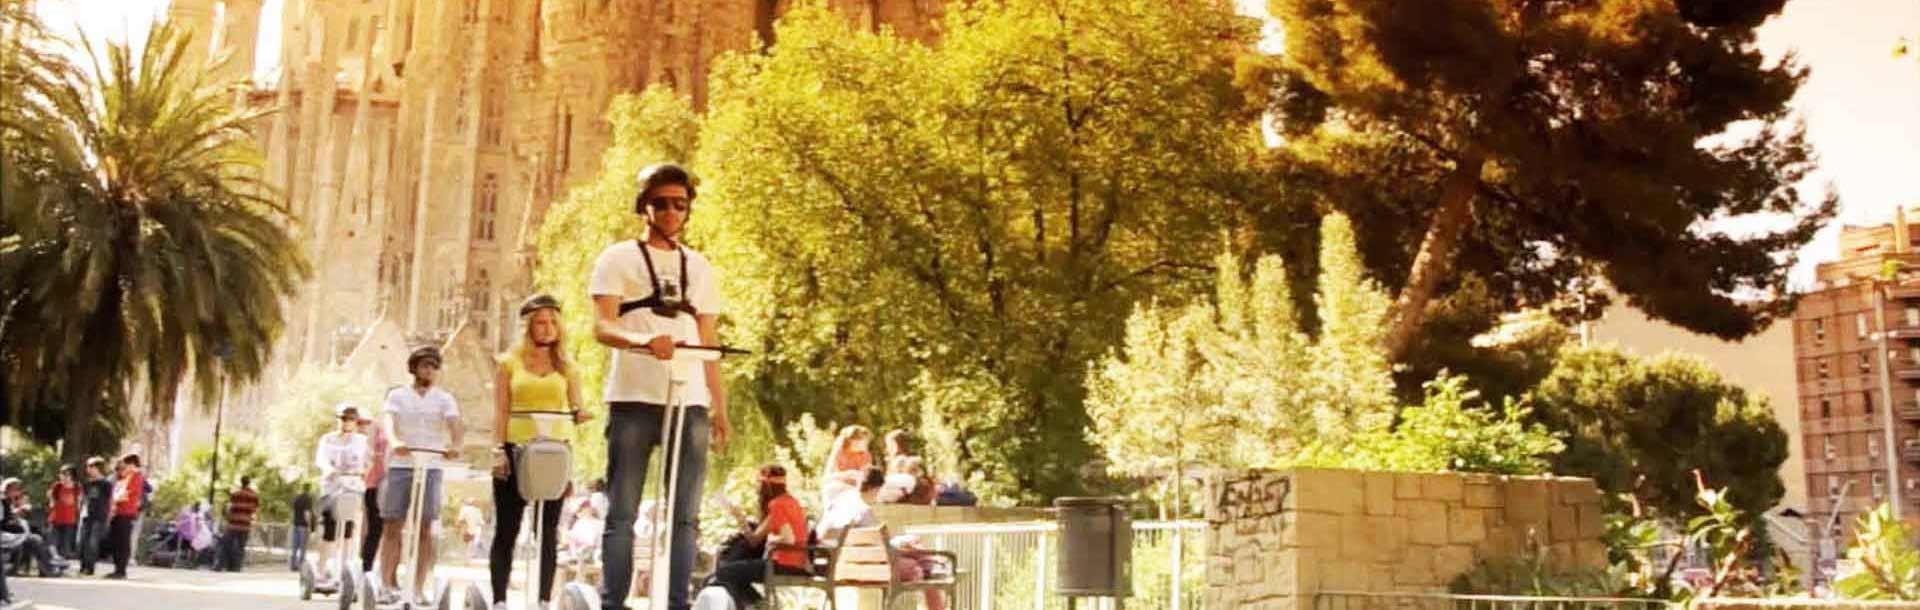 Gaudi segway tour route